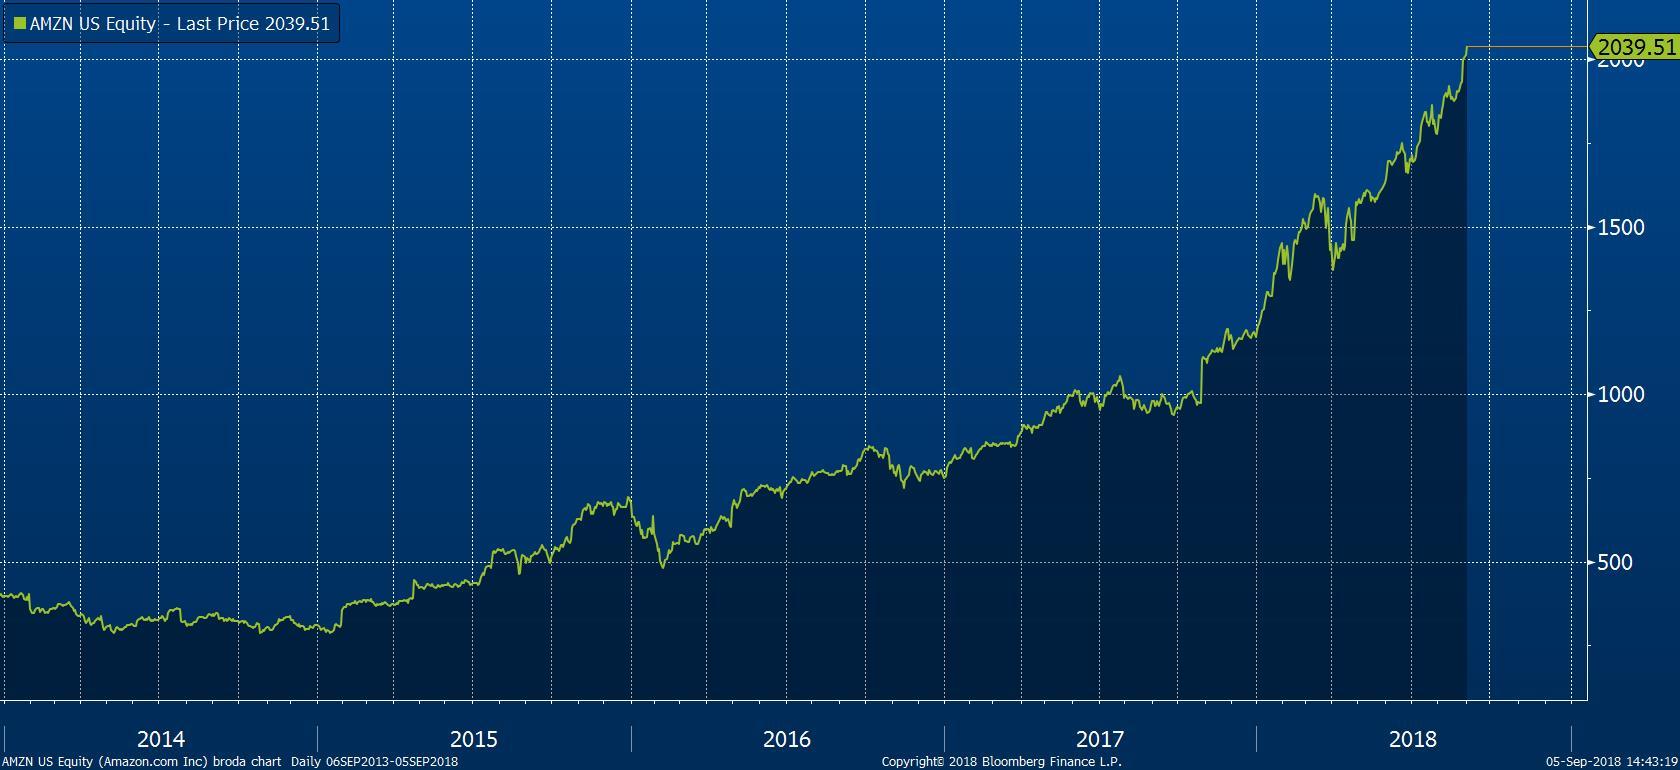 Tržní cena akcií společnosti Facebook v USD za akcii  Tržní cena akcií společnosti Amazon v USD za akcii